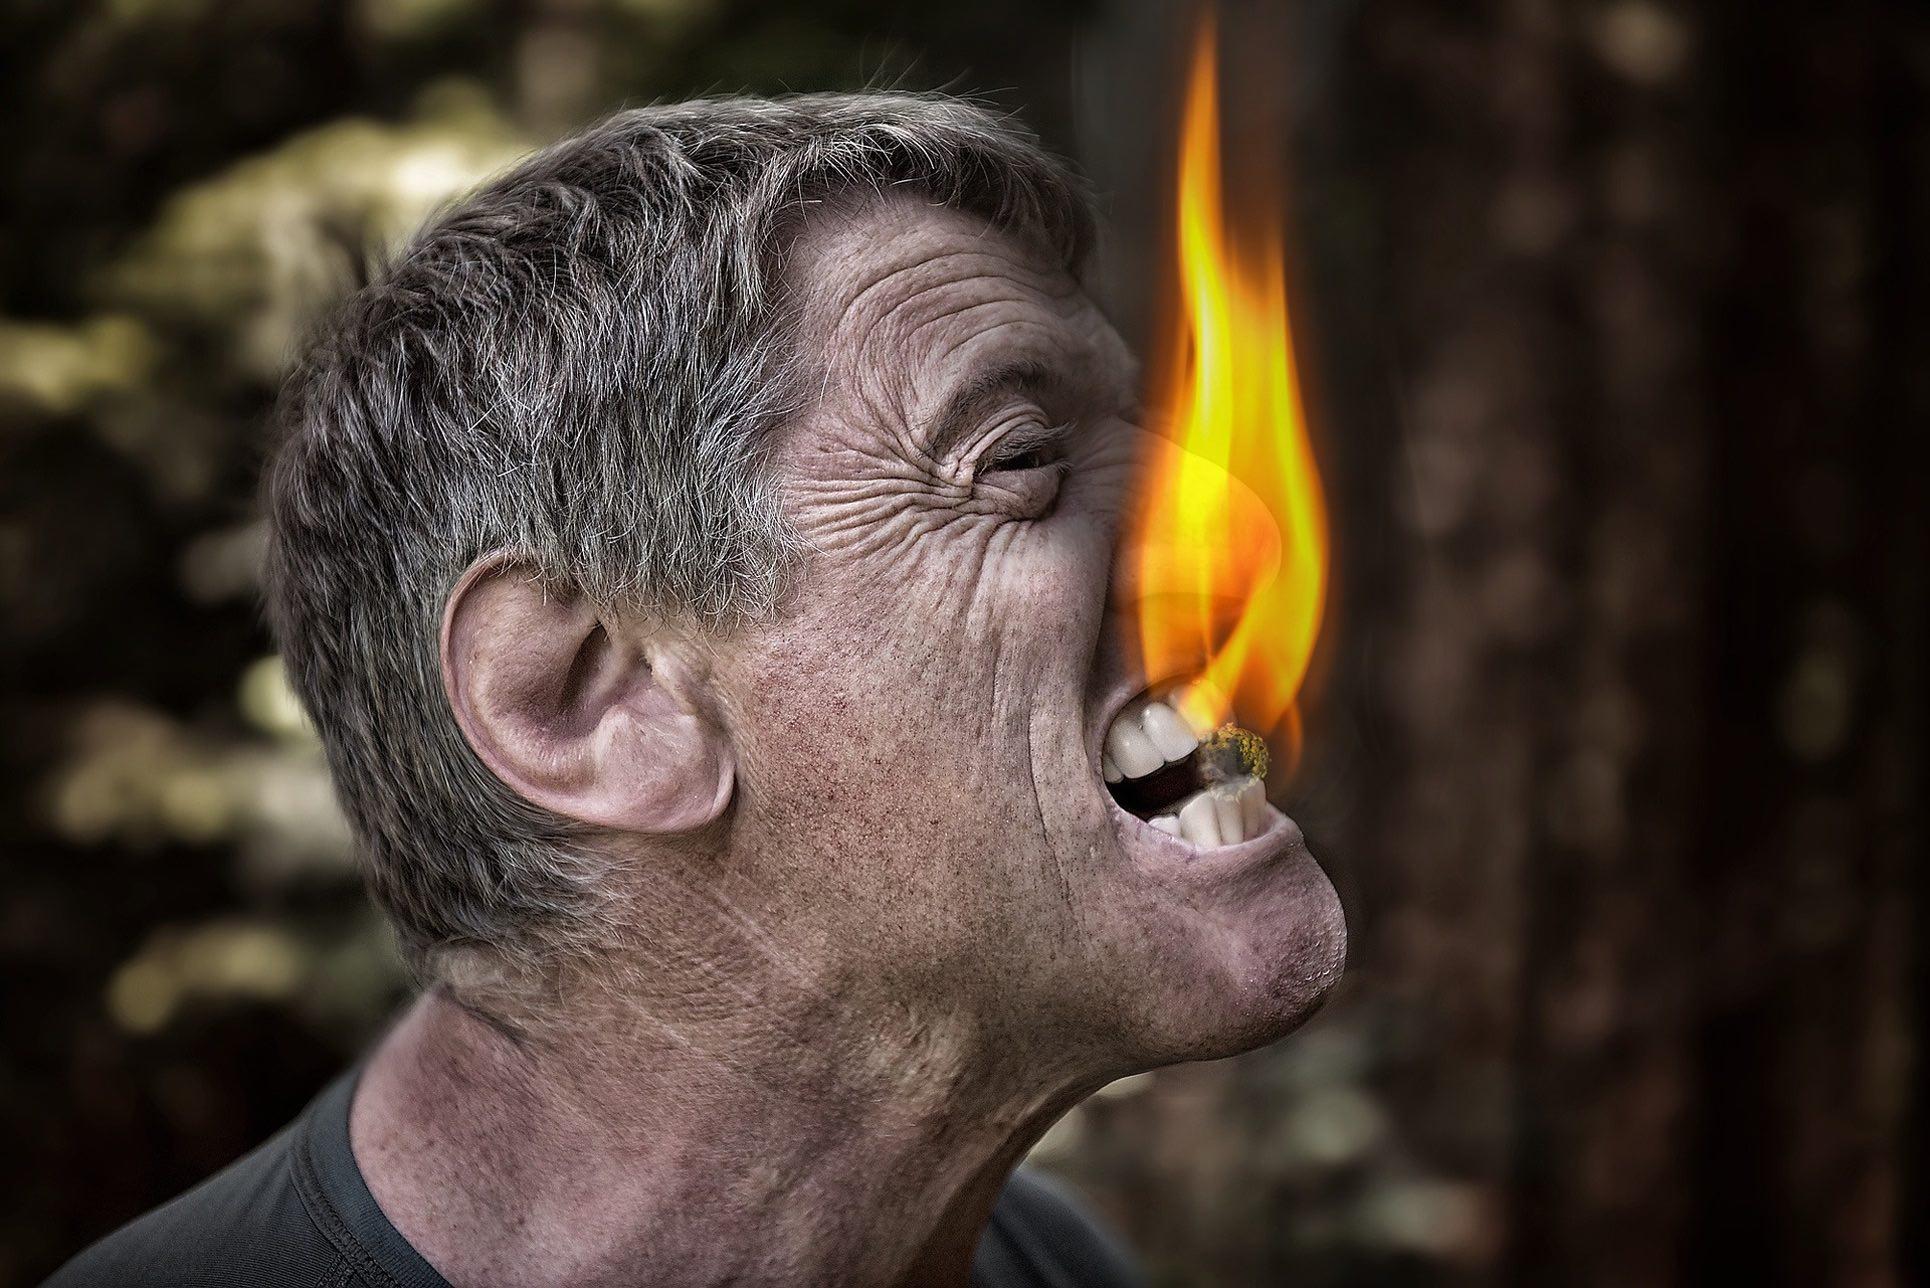 Mann Feuer Zahnarzt Roger Barz Halle